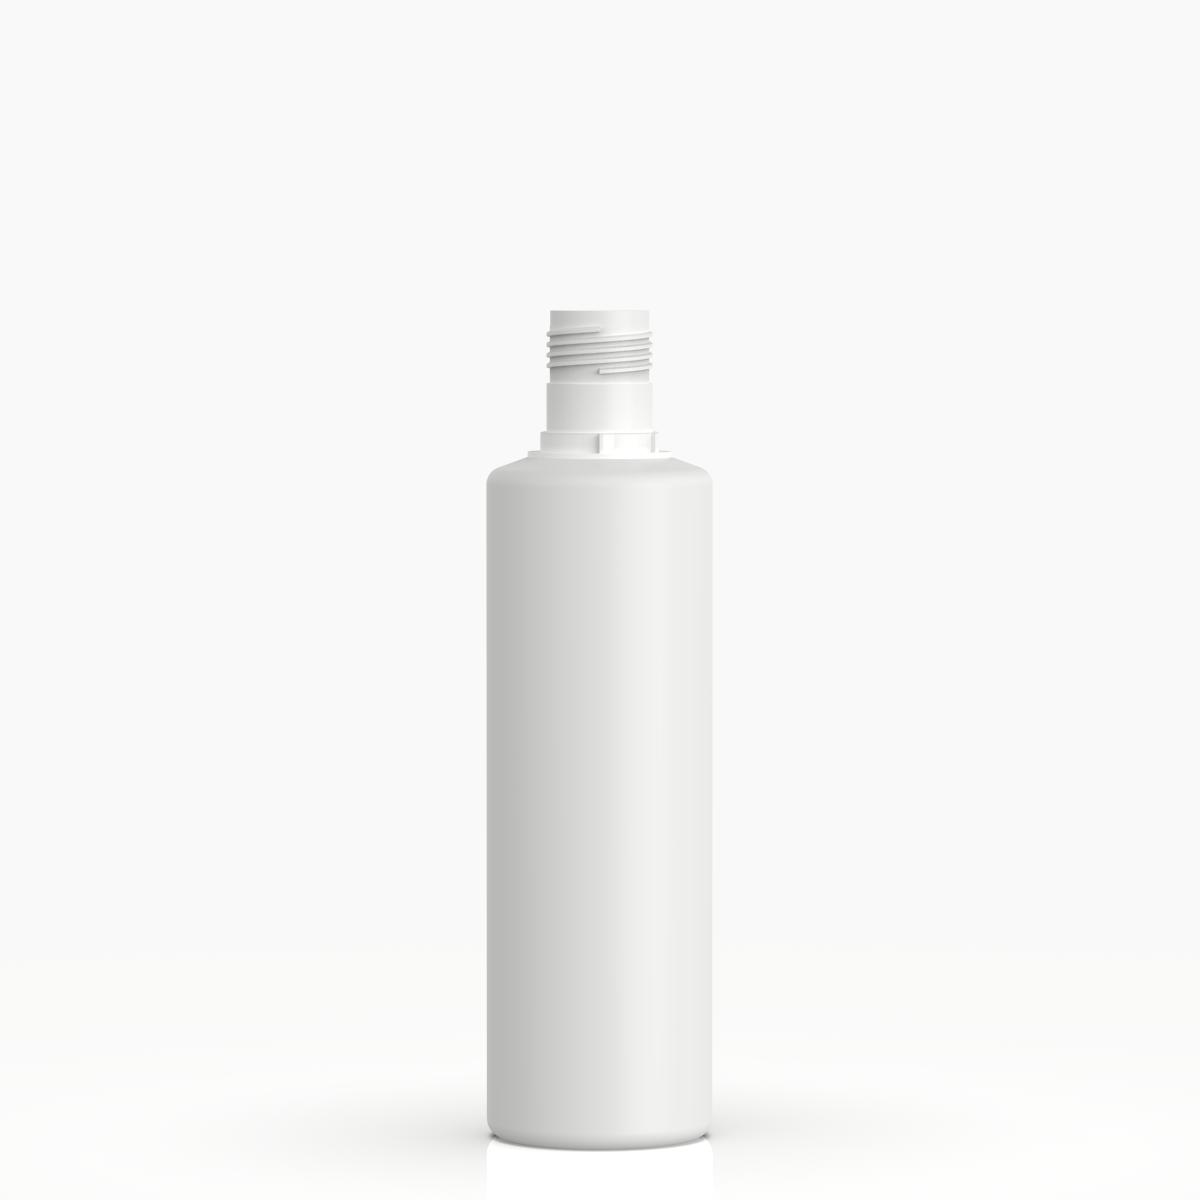 Cylindrical bottle 500 ml HDPE, neck 30mm, style FLOREANA